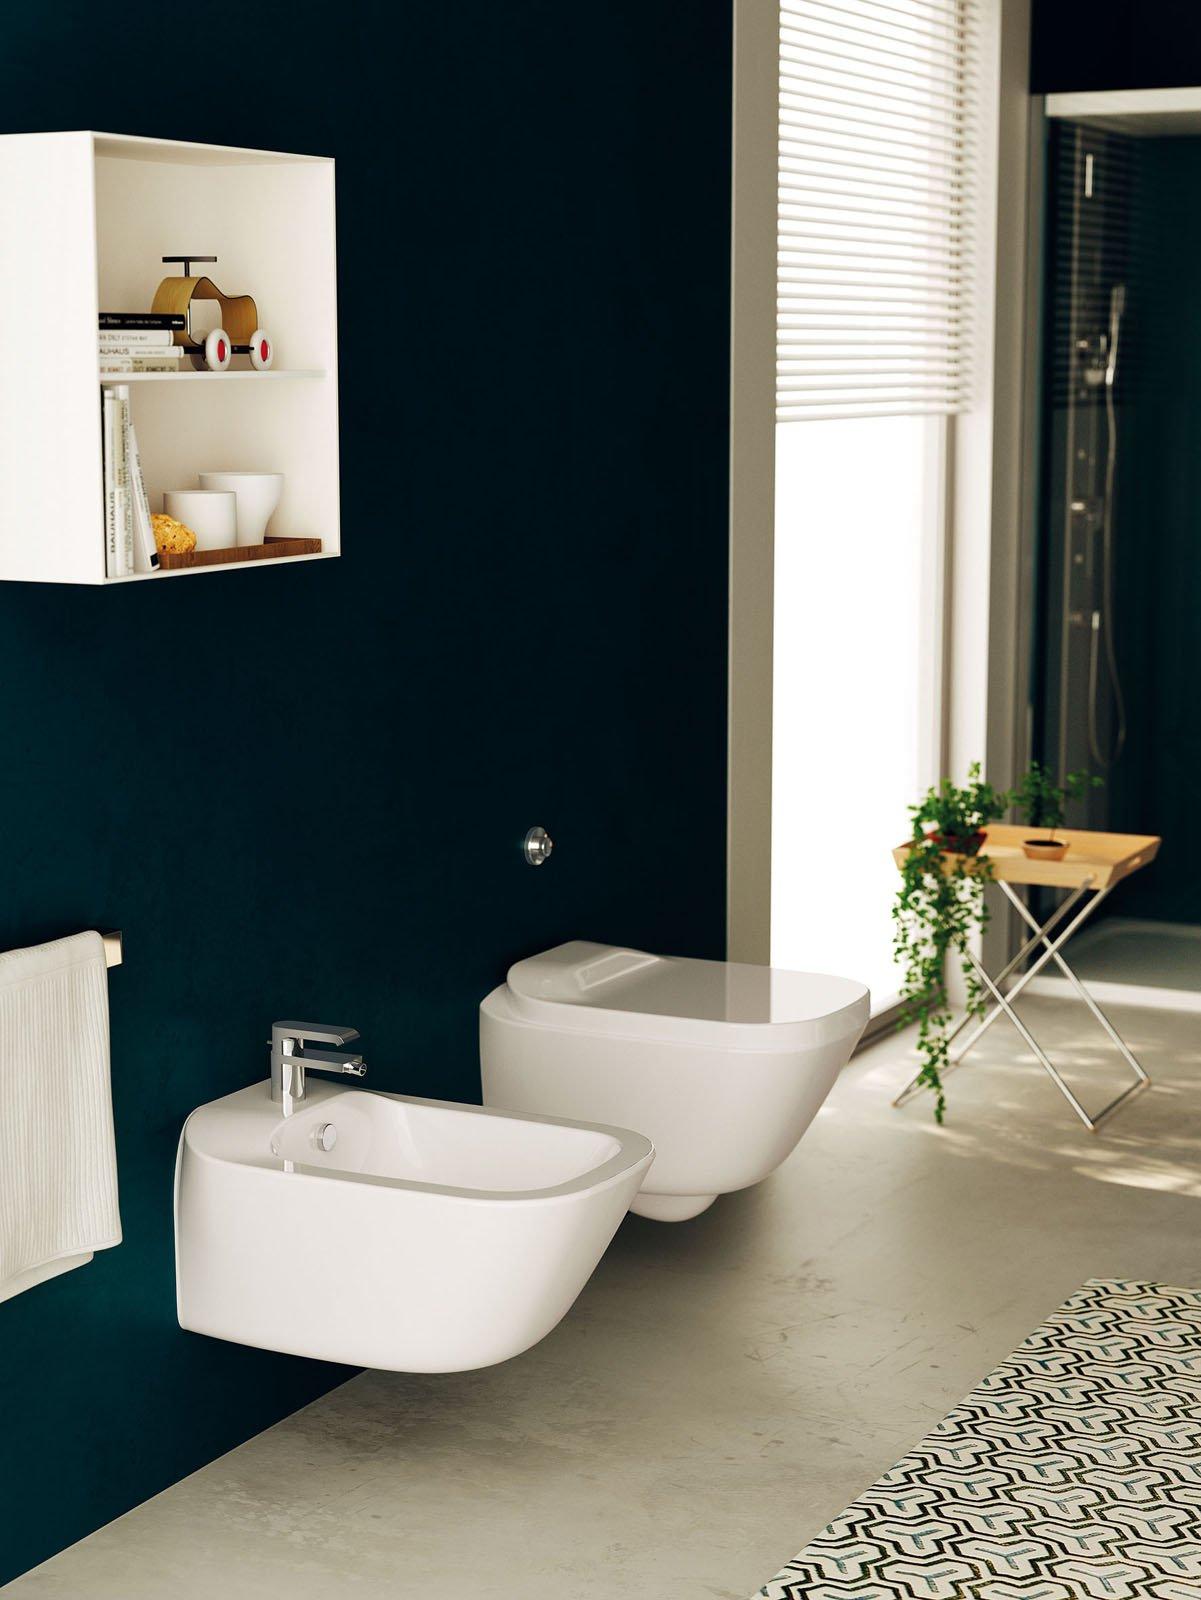 Sanitari ceramica per vasi e bidet cose di casa for Sanitari design